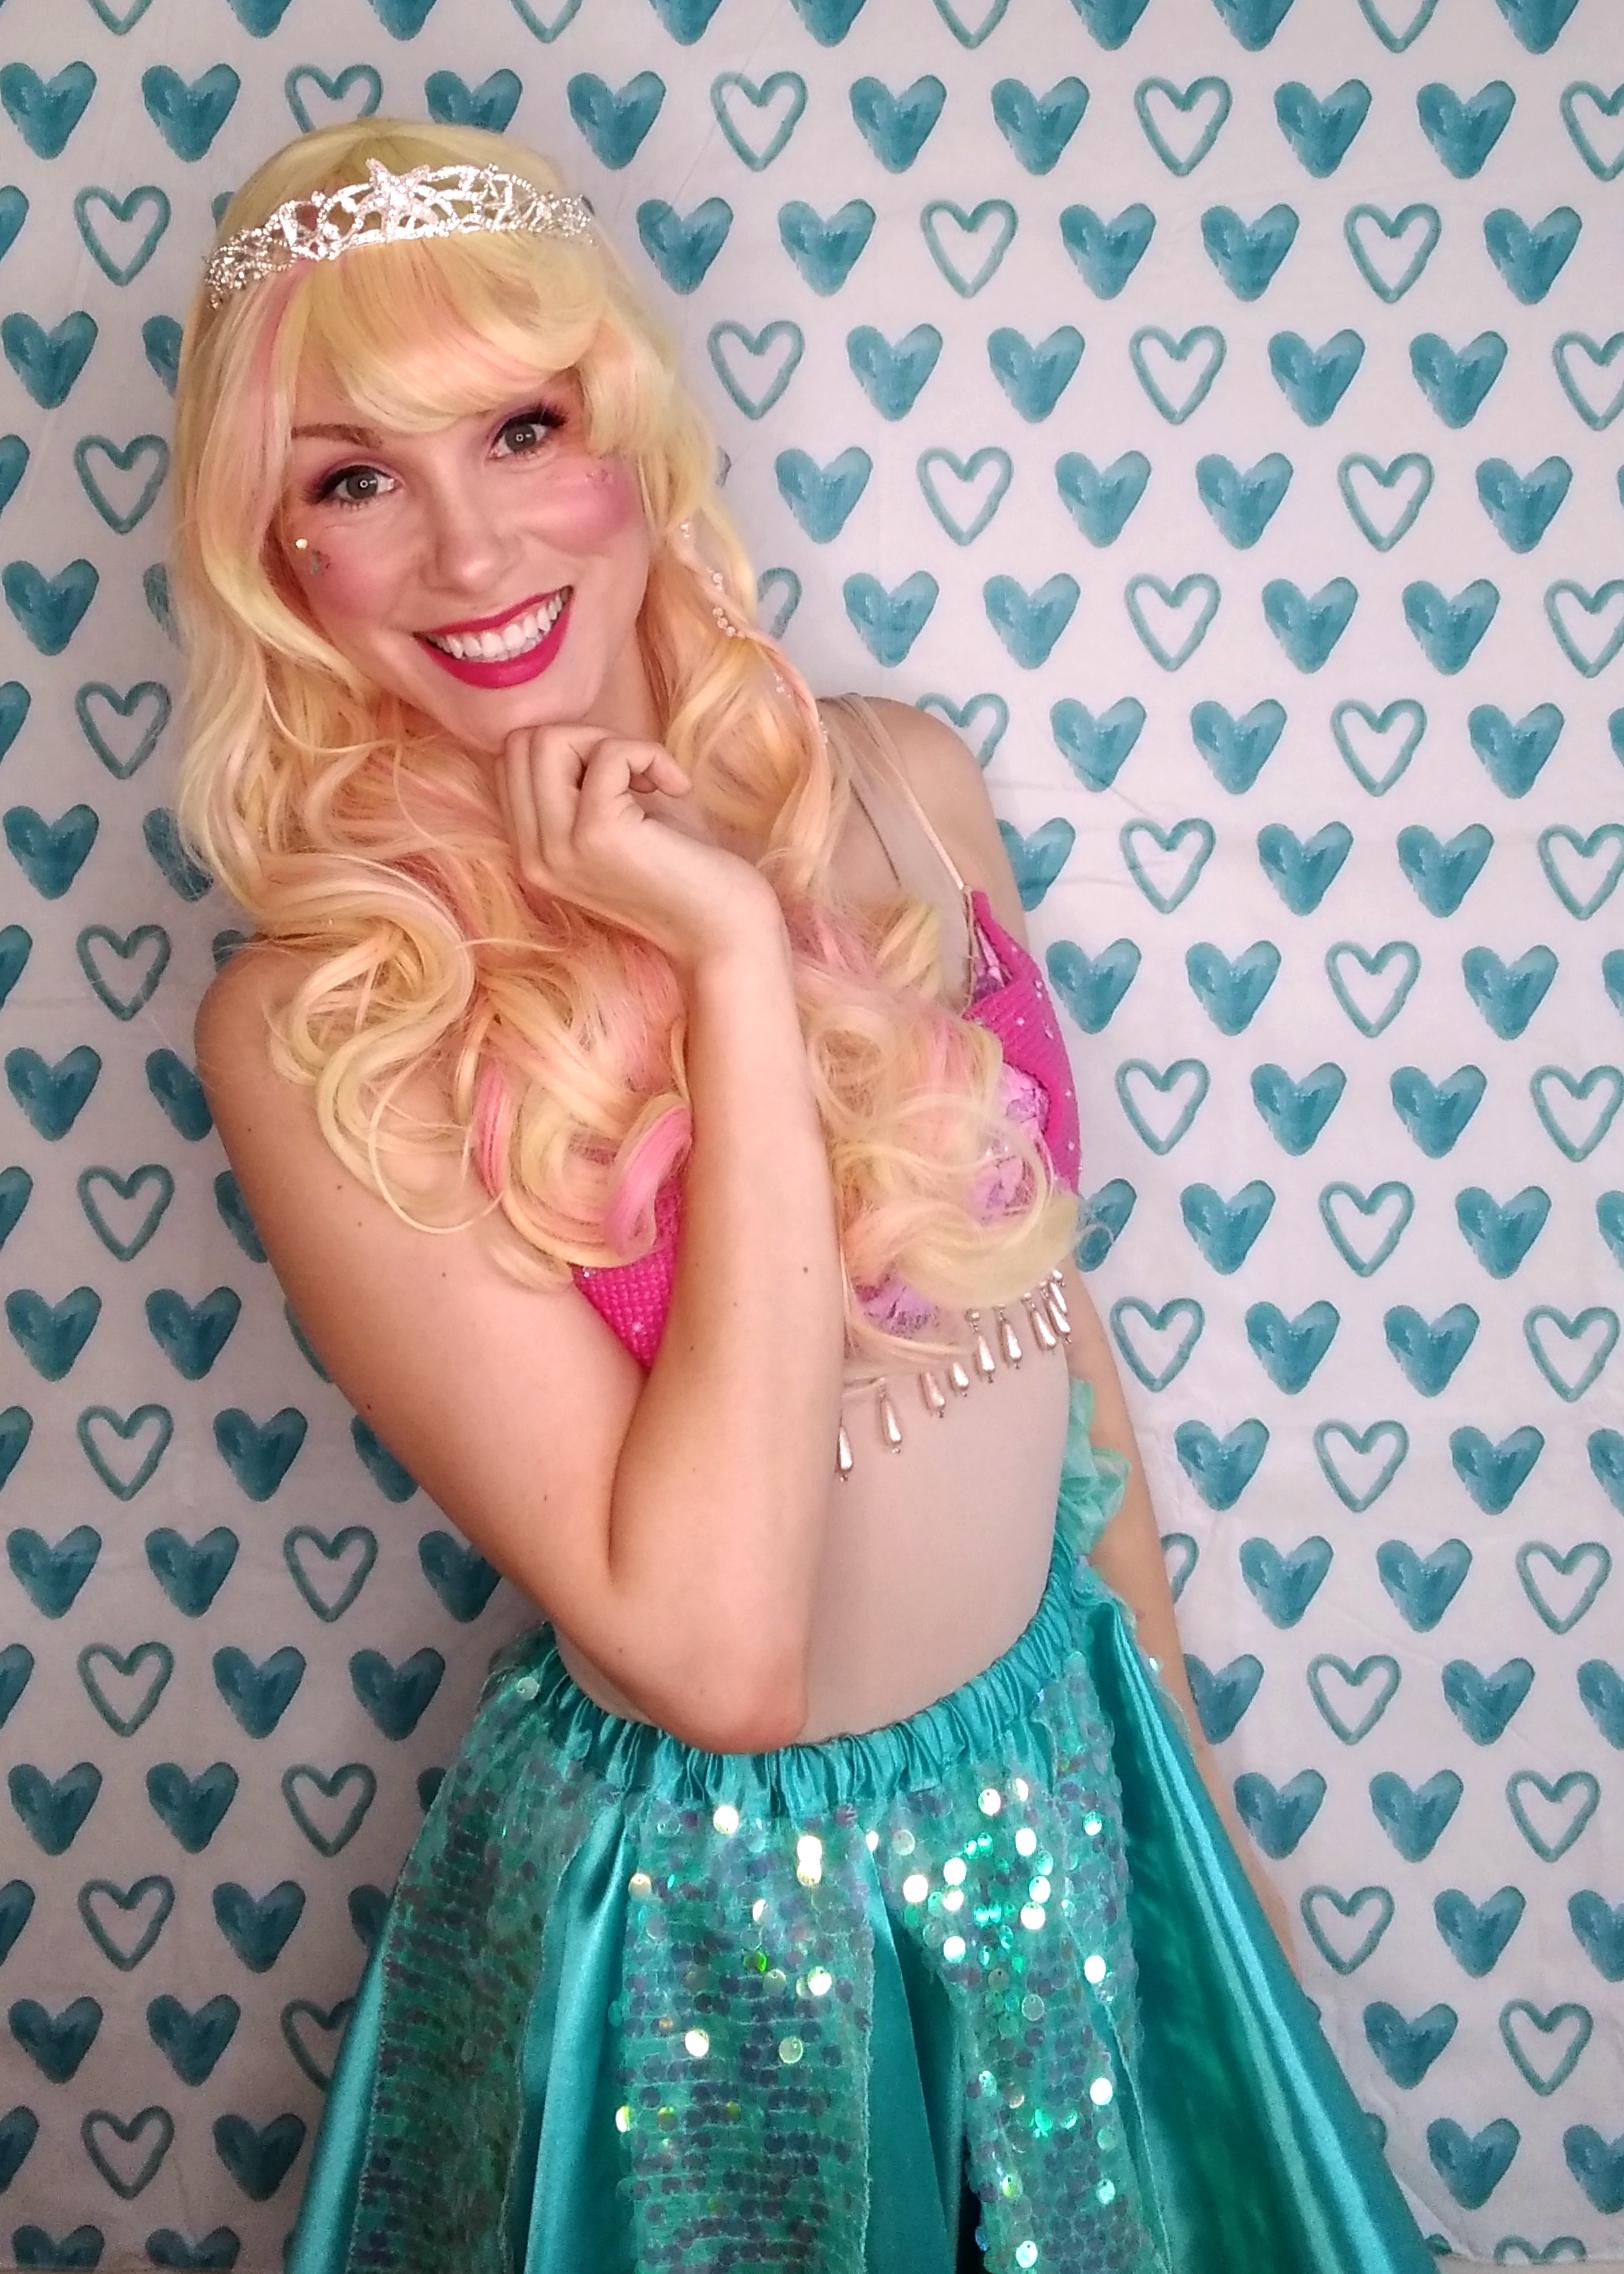 mermaid princess hearts once upon a prin